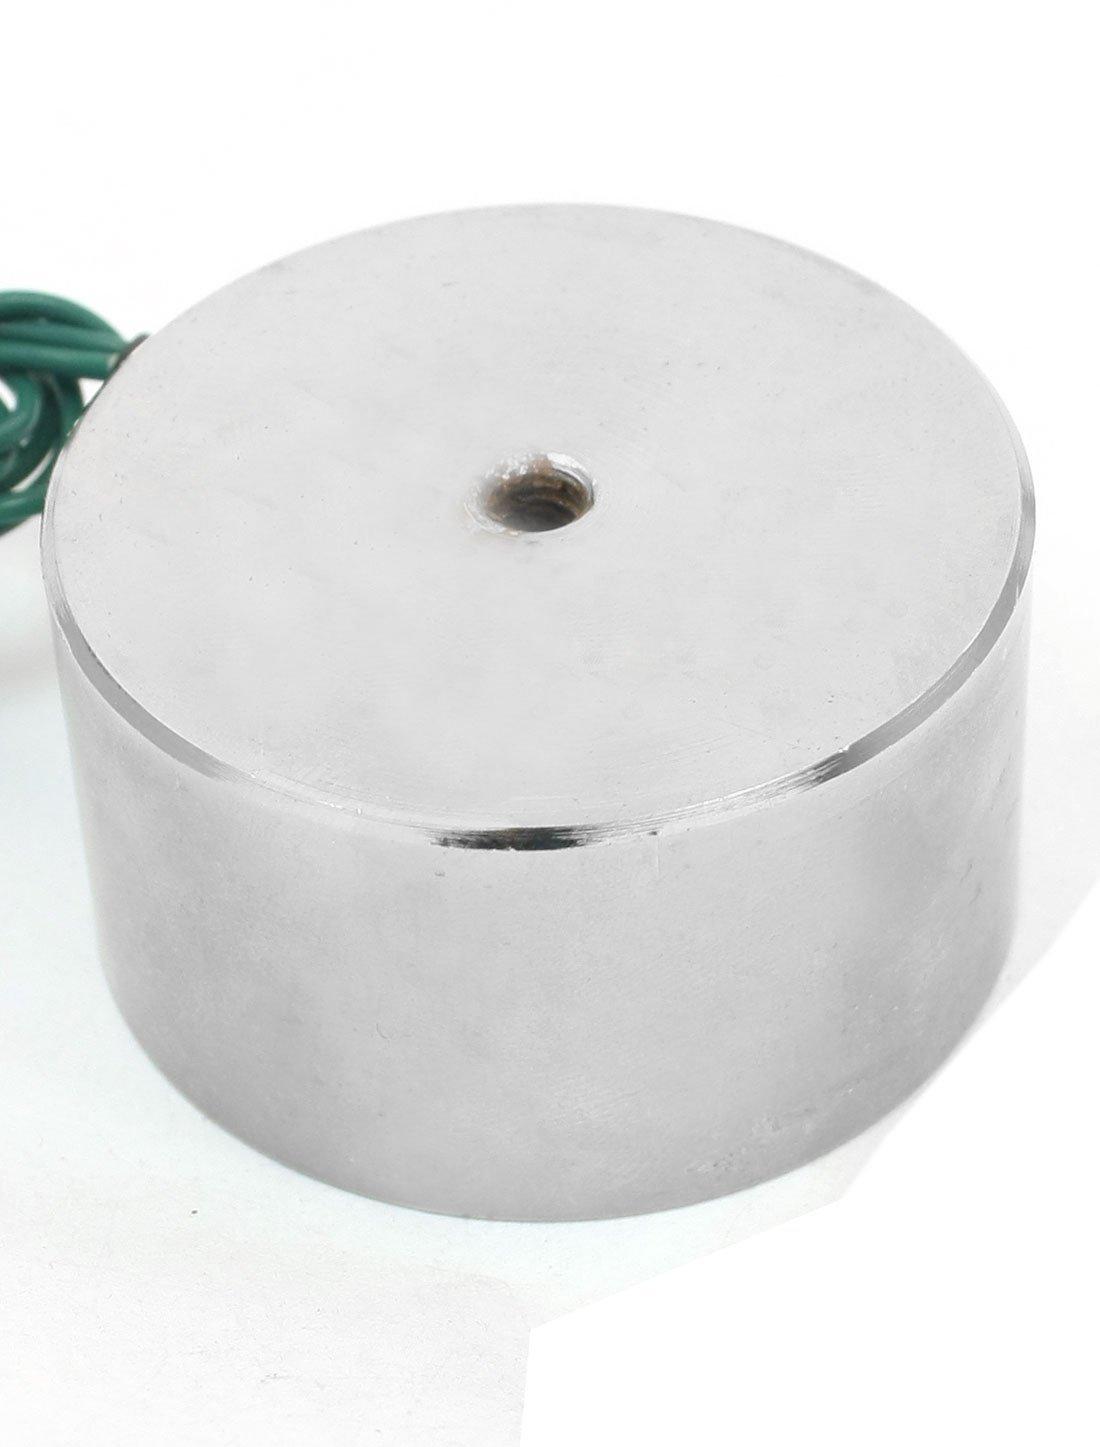 eDealMax Holding electroimán solenoide, imán elevador eléctrico DE 12 V DC, 50 kg / 110 lb.: Amazon.com: Industrial & Scientific